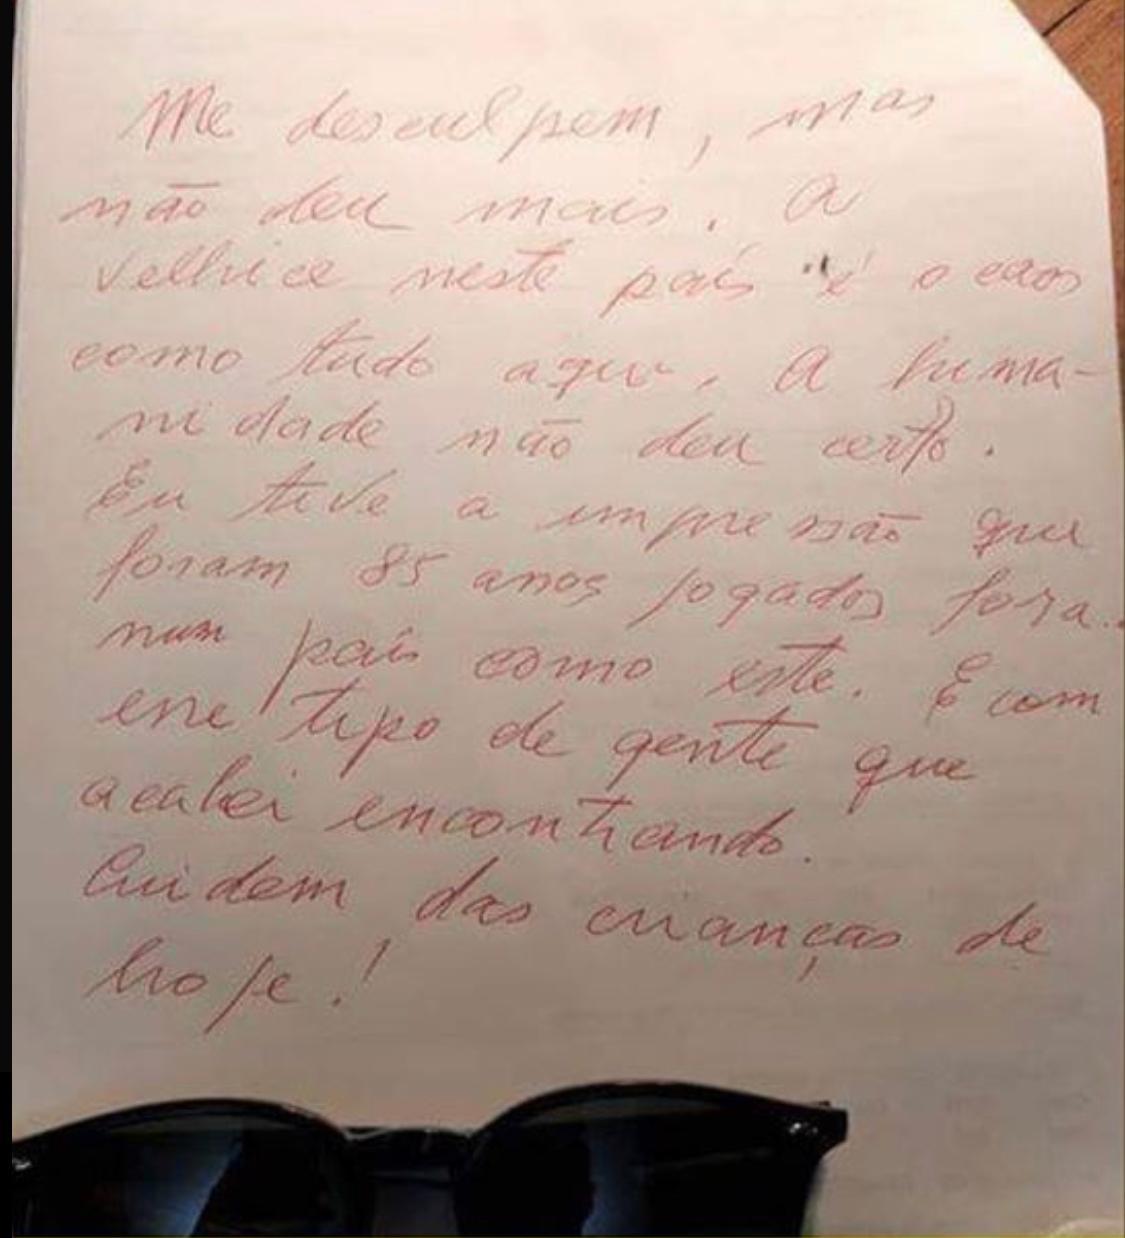 Carta de despedida de Flávio Migliaccio foi divulgada (Foto: Reprodução/WhatsApp)